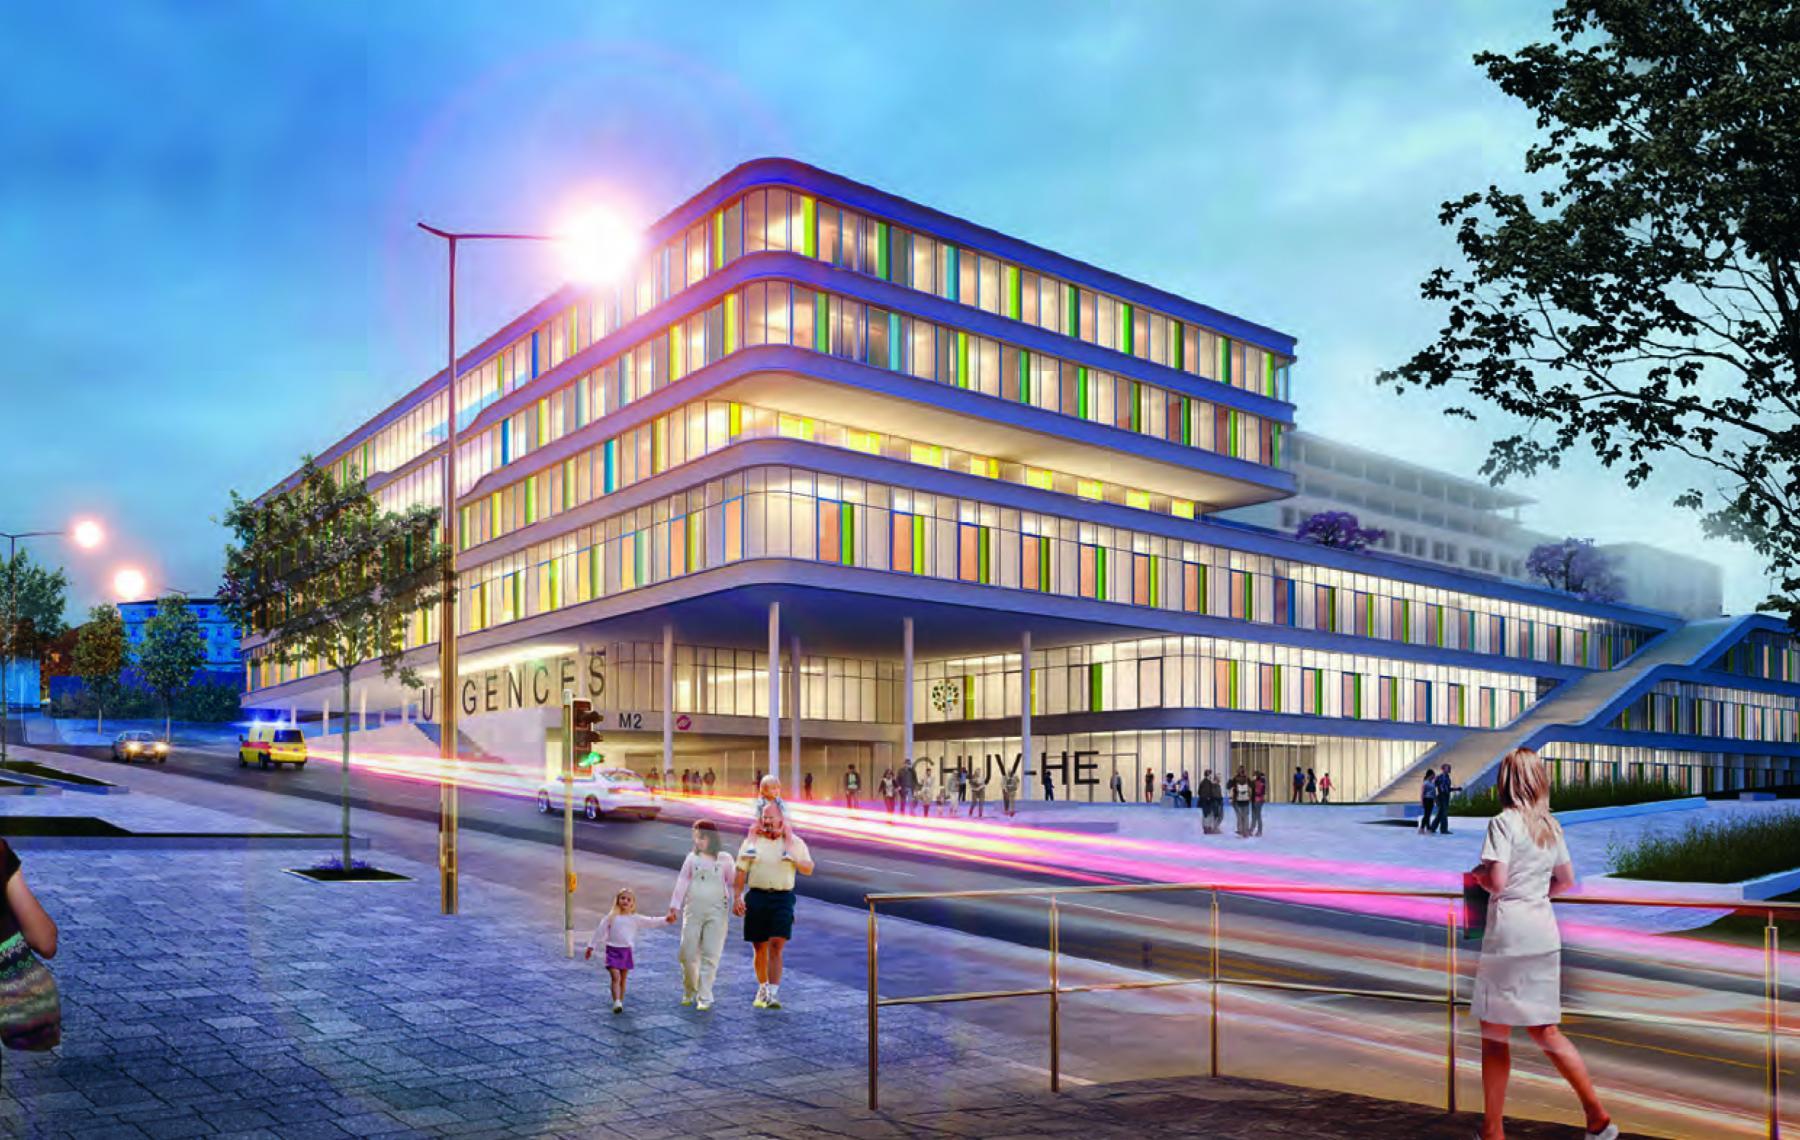 Hôpital des enfants, Centre hospitalier universitaire vaudois (CHUV), Lausanne, GMP + JB FERRARI